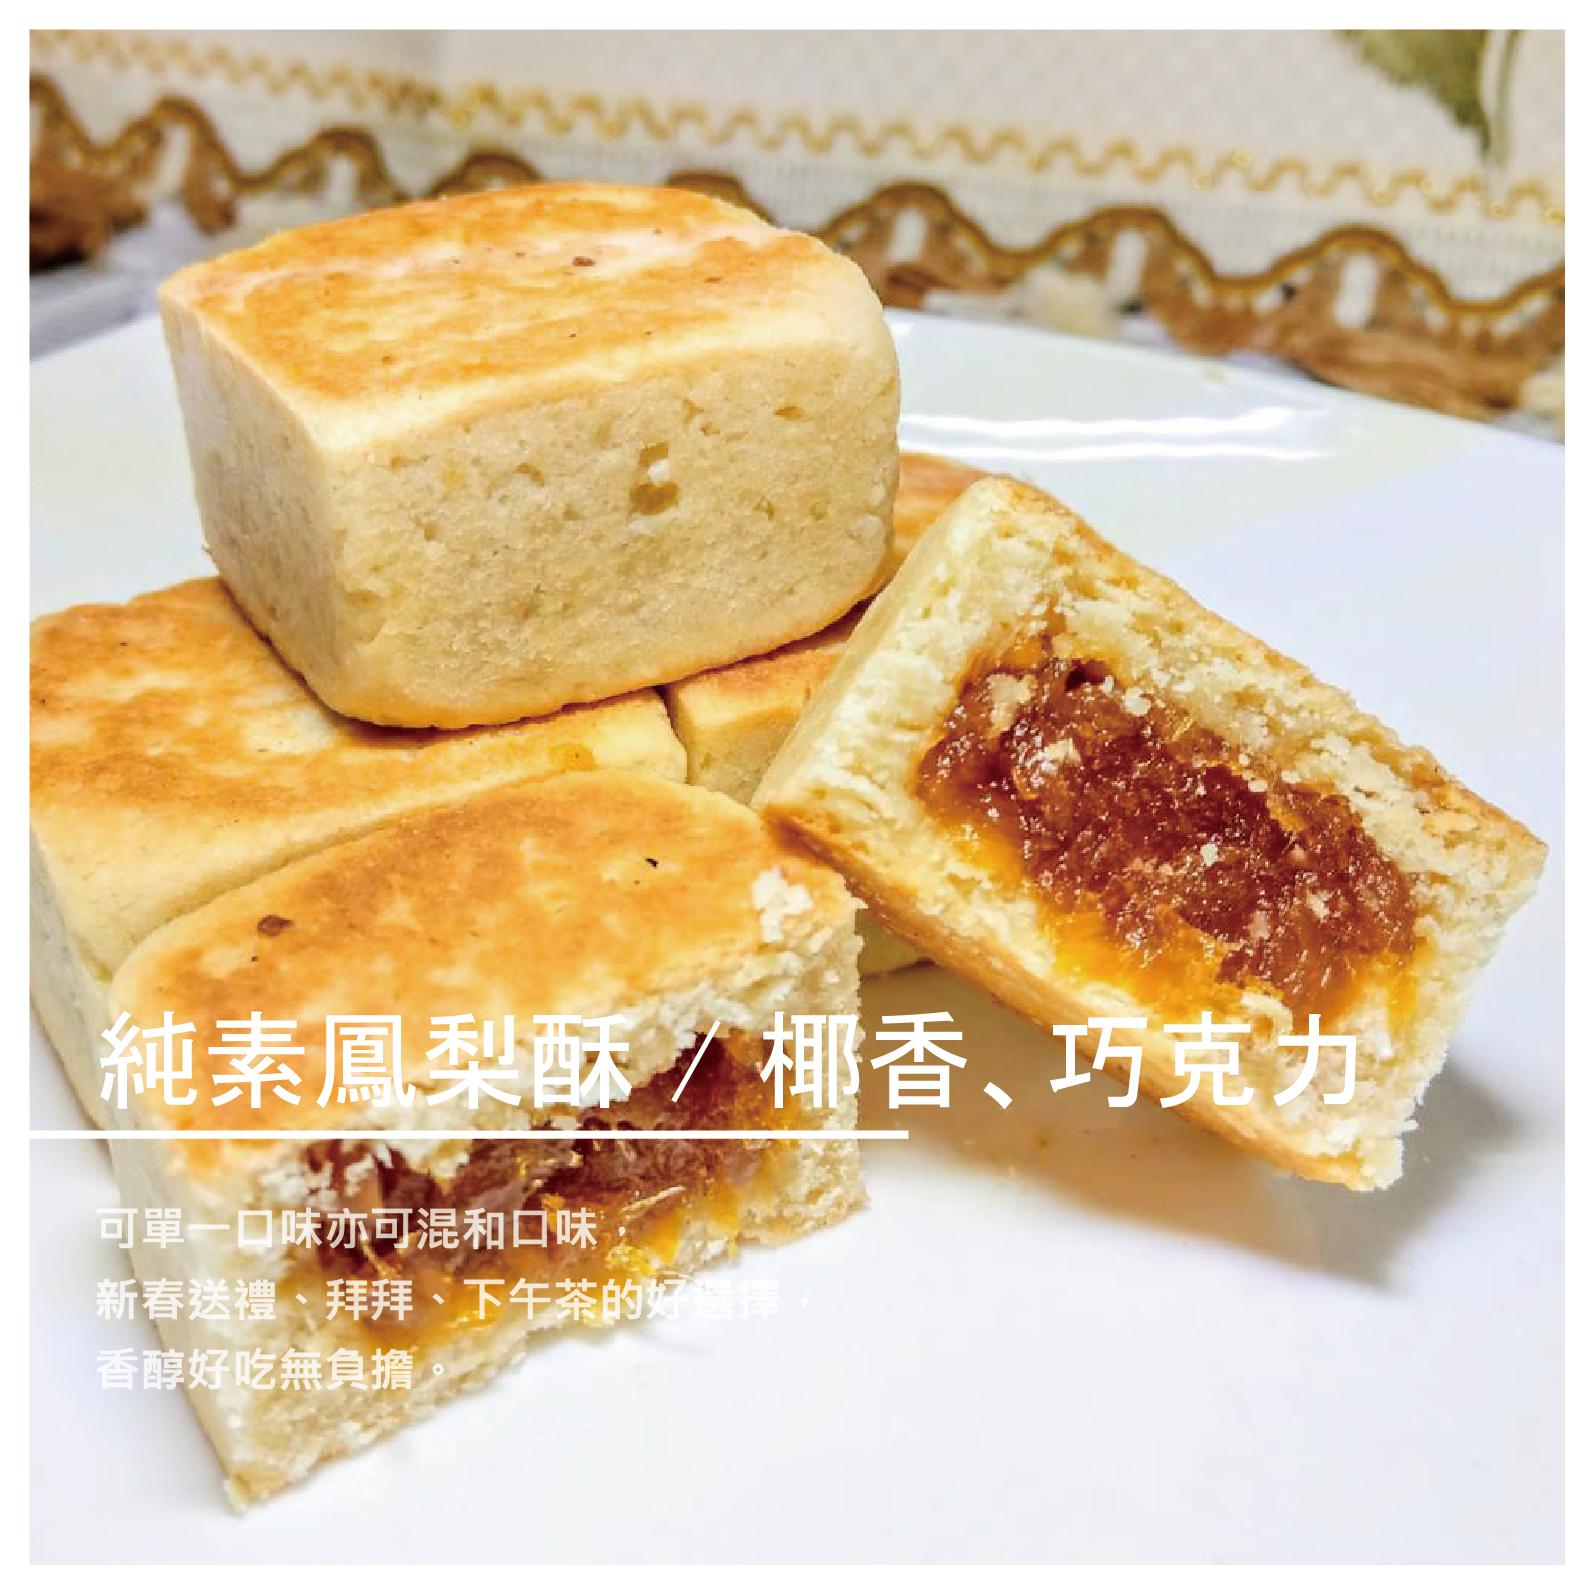 【朱記素餅】純素鳳梨酥 椰香、巧克力 /12粒